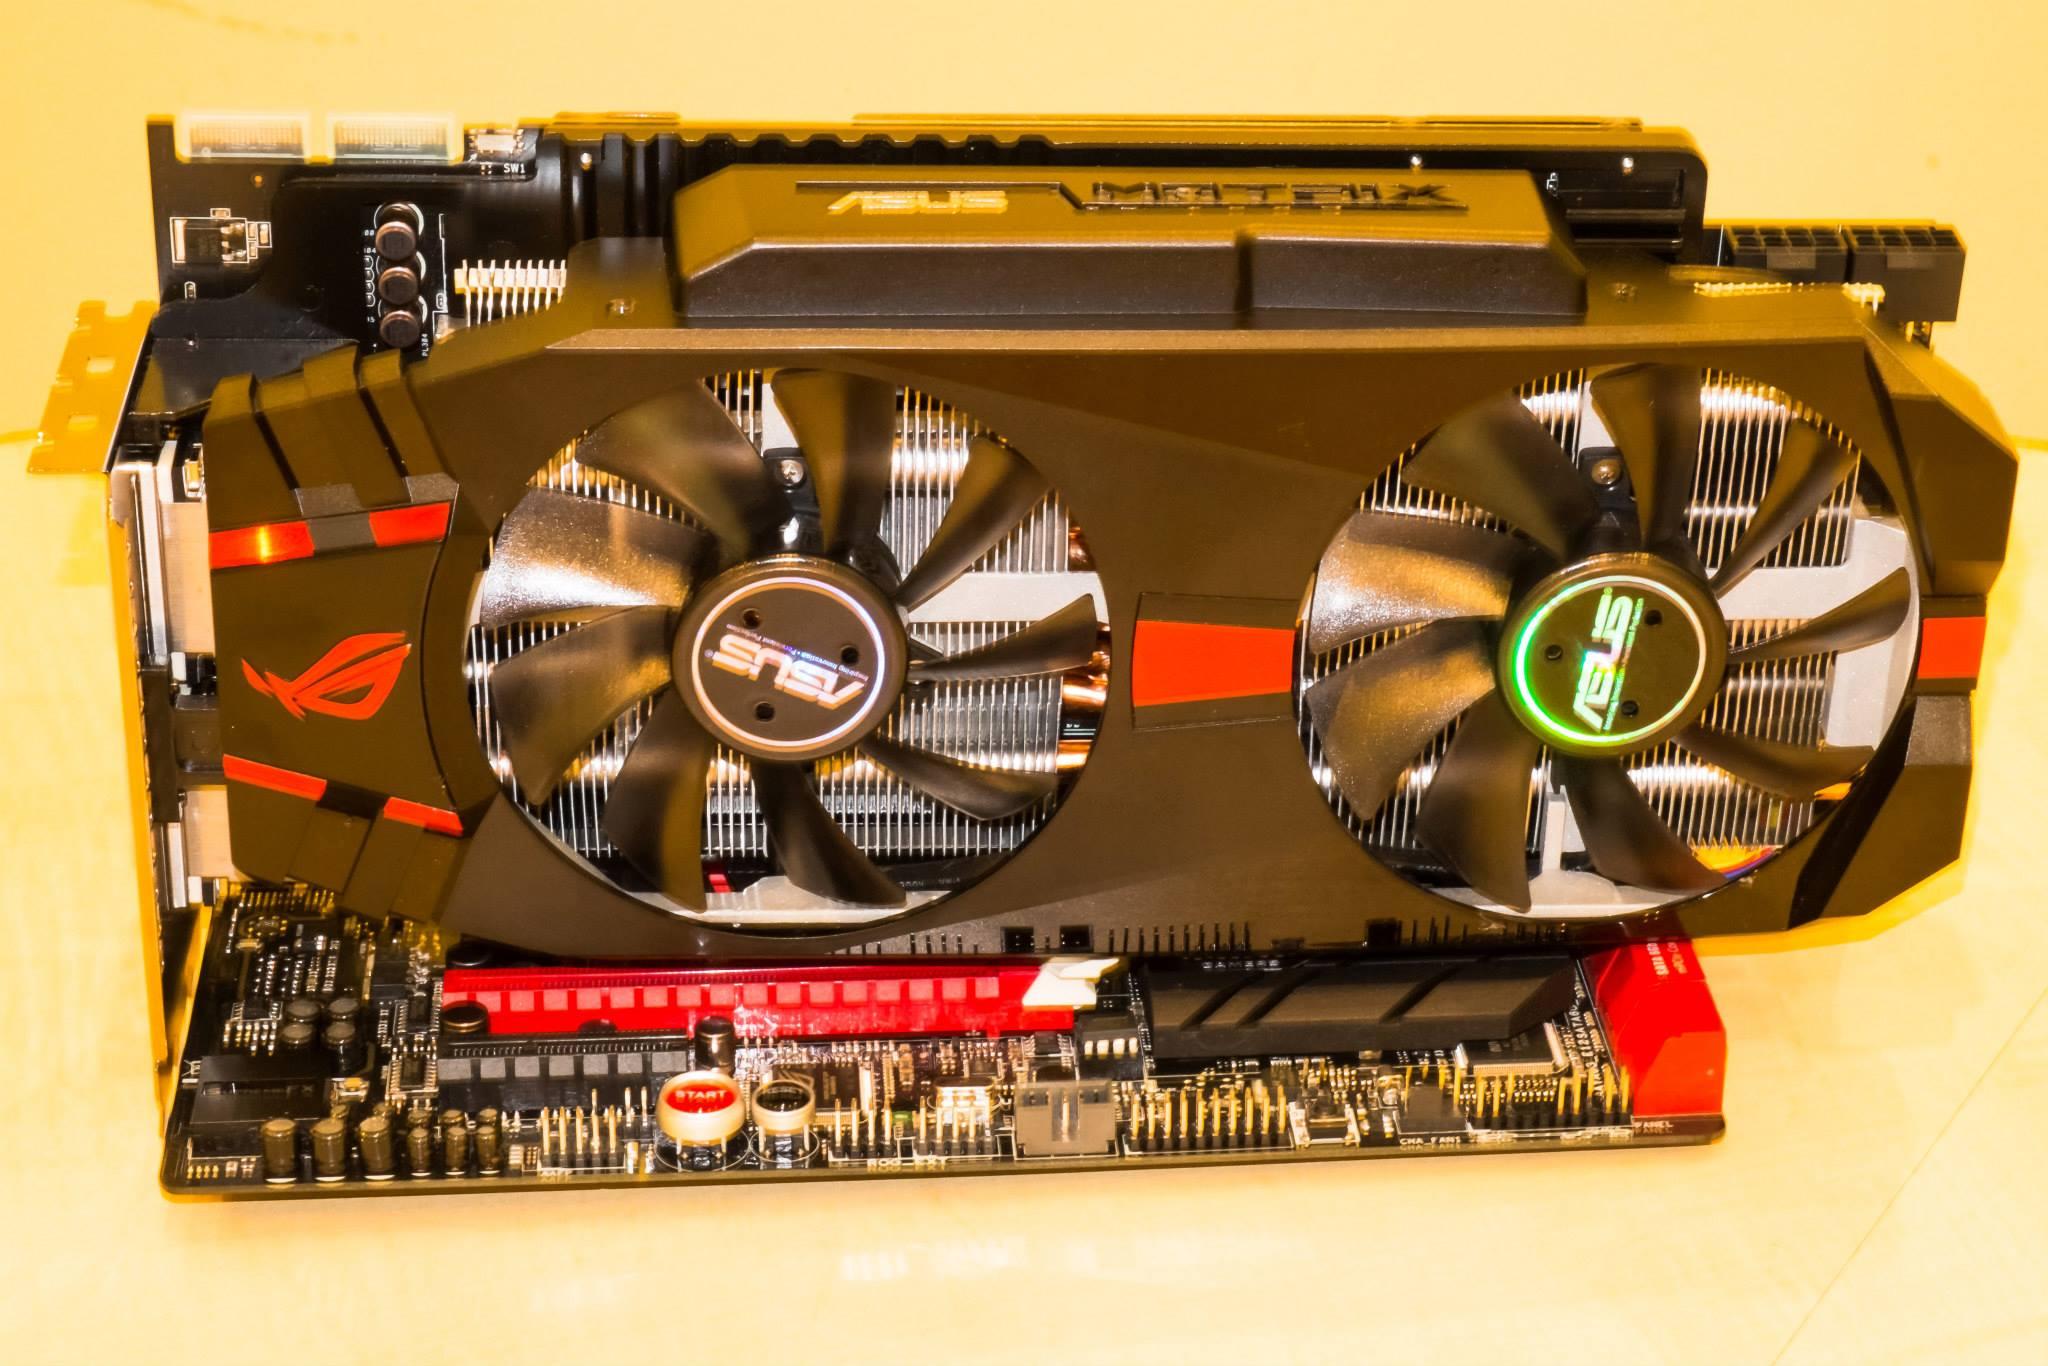 ASUS ROG Matrix R9 280X Platinum Pictured